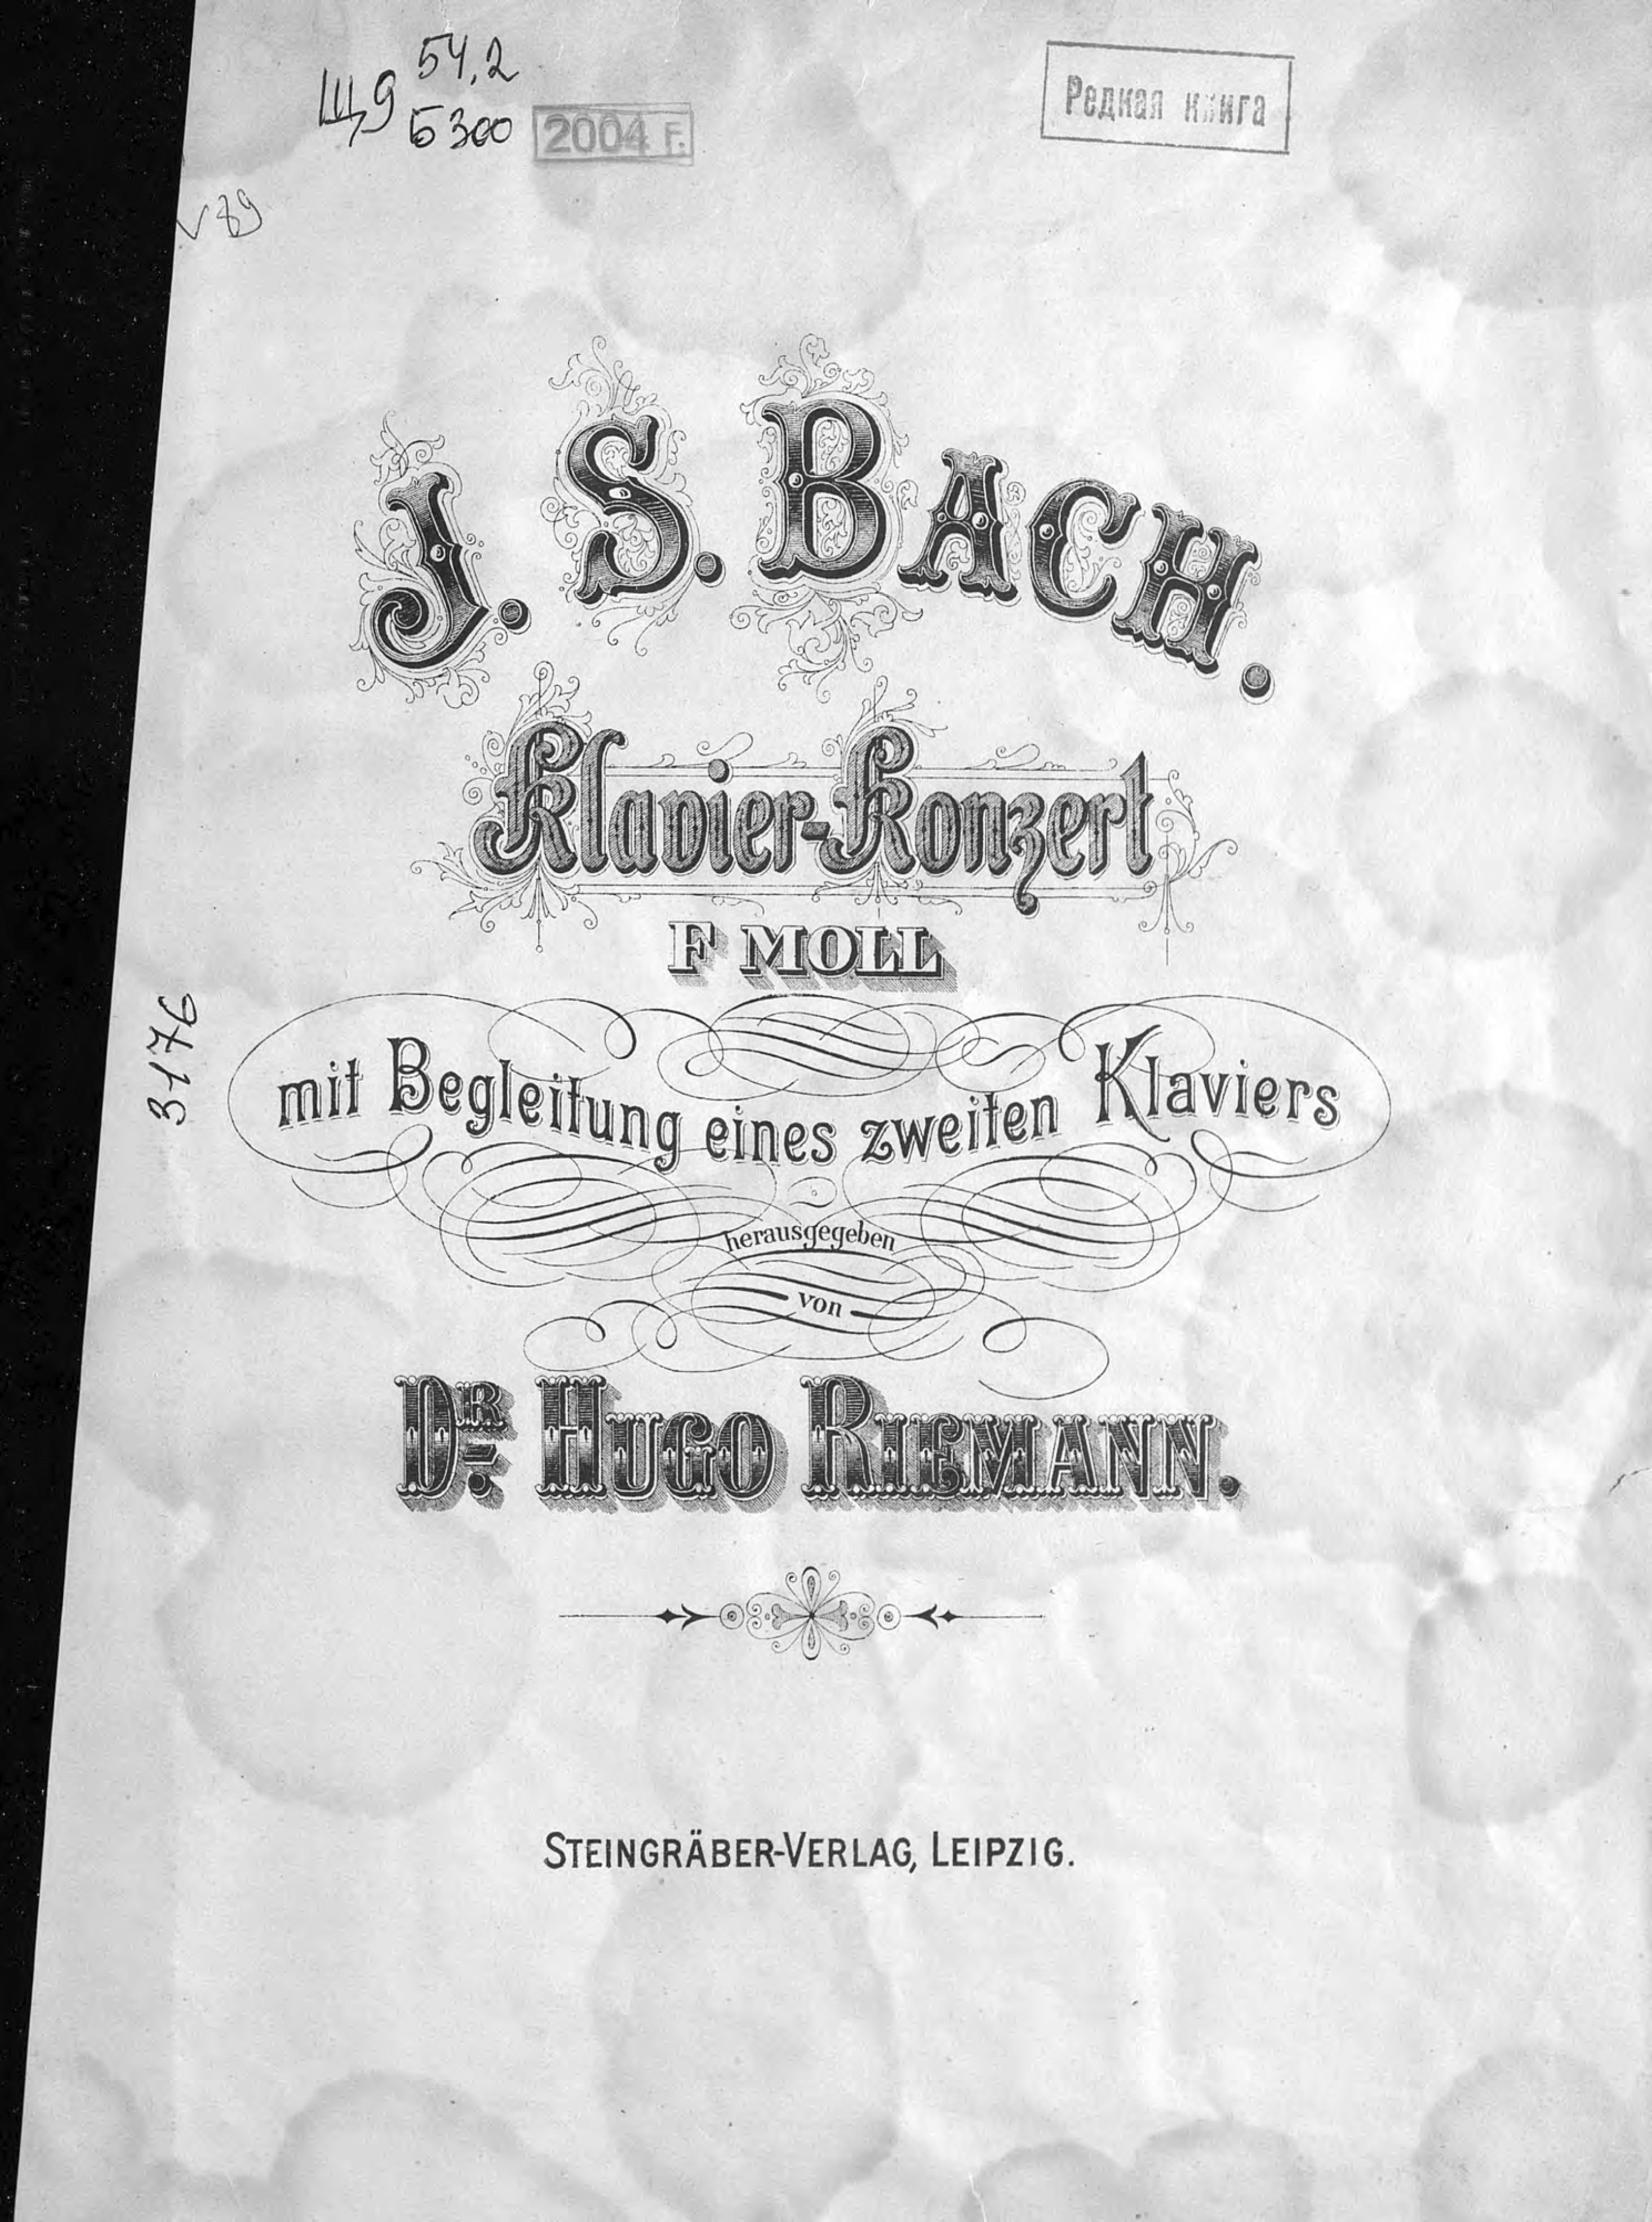 цена Иоганн Себастьян Бах Klavier-konzert f-moll mit Begleitung eines zweiten klaviers онлайн в 2017 году